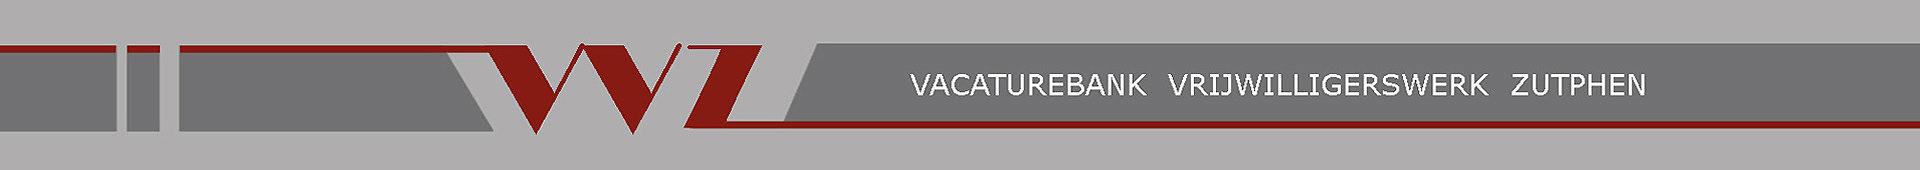 Vacaturebank Vrijwilligerswerk Zutphen